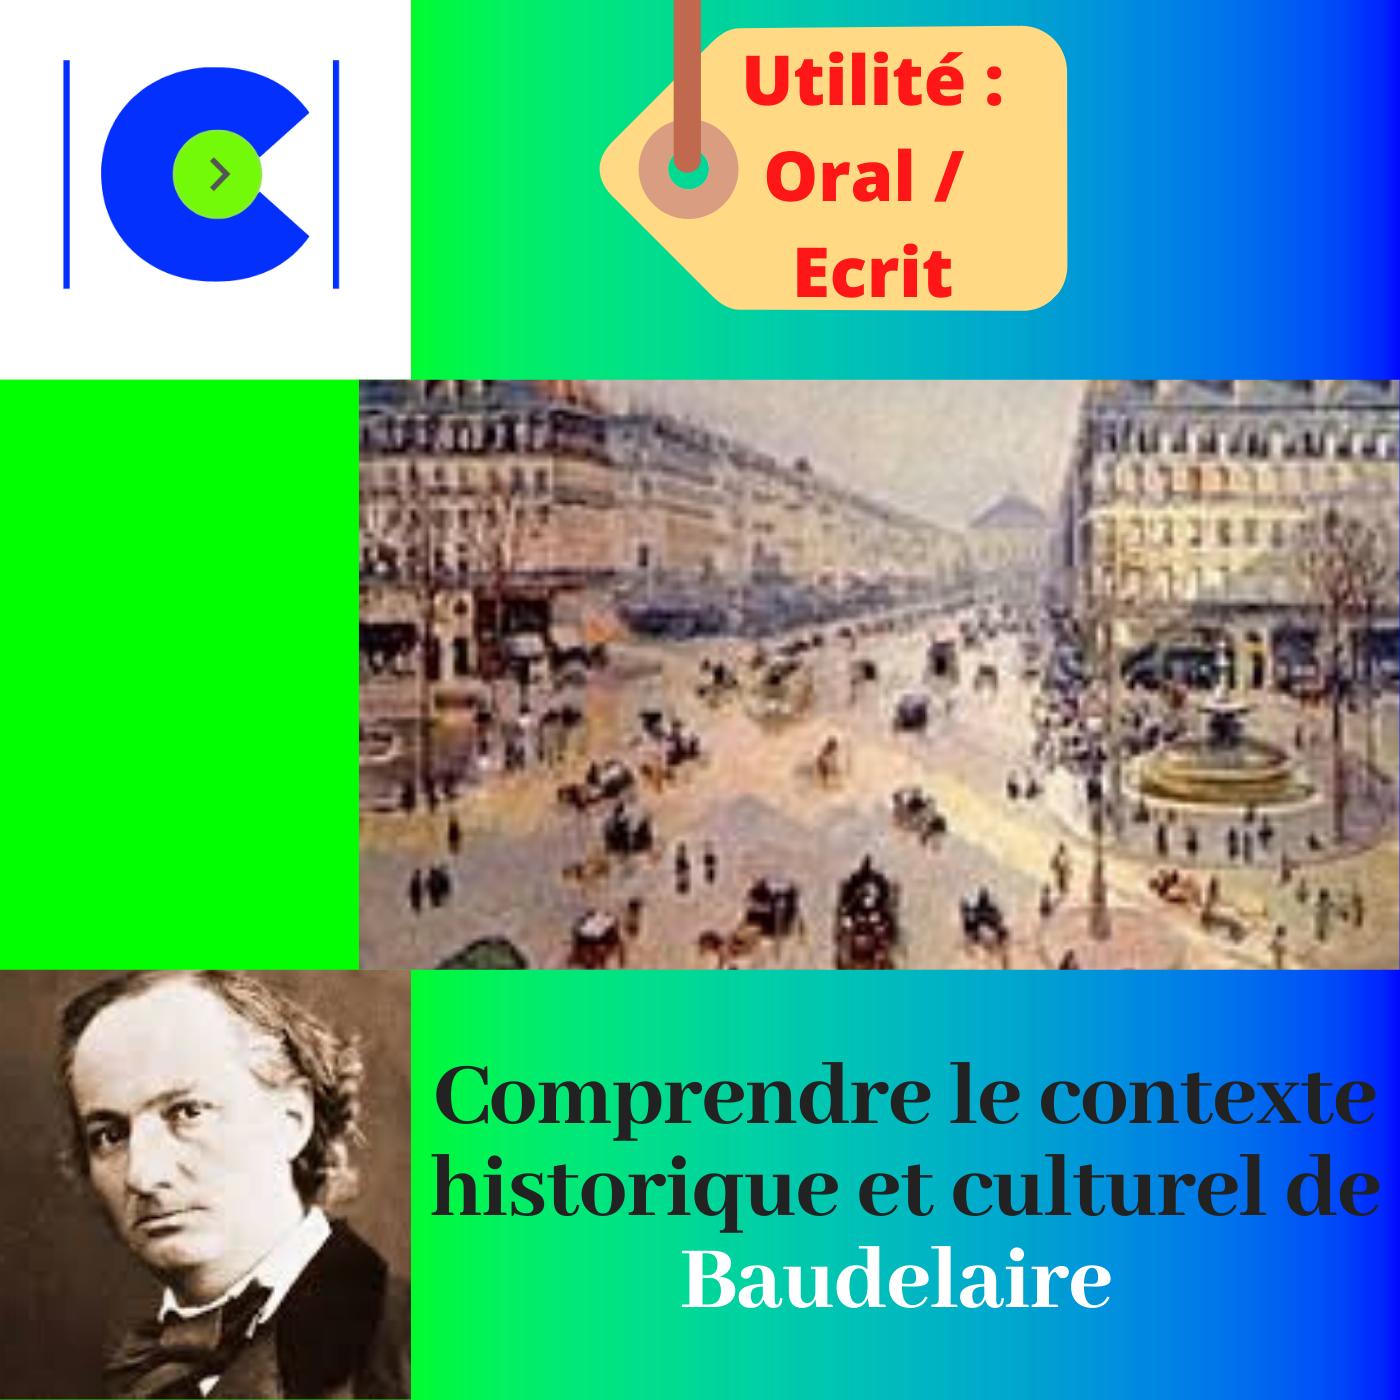 Comprendre le contexte historique et culturel de BAUDELAIRE.